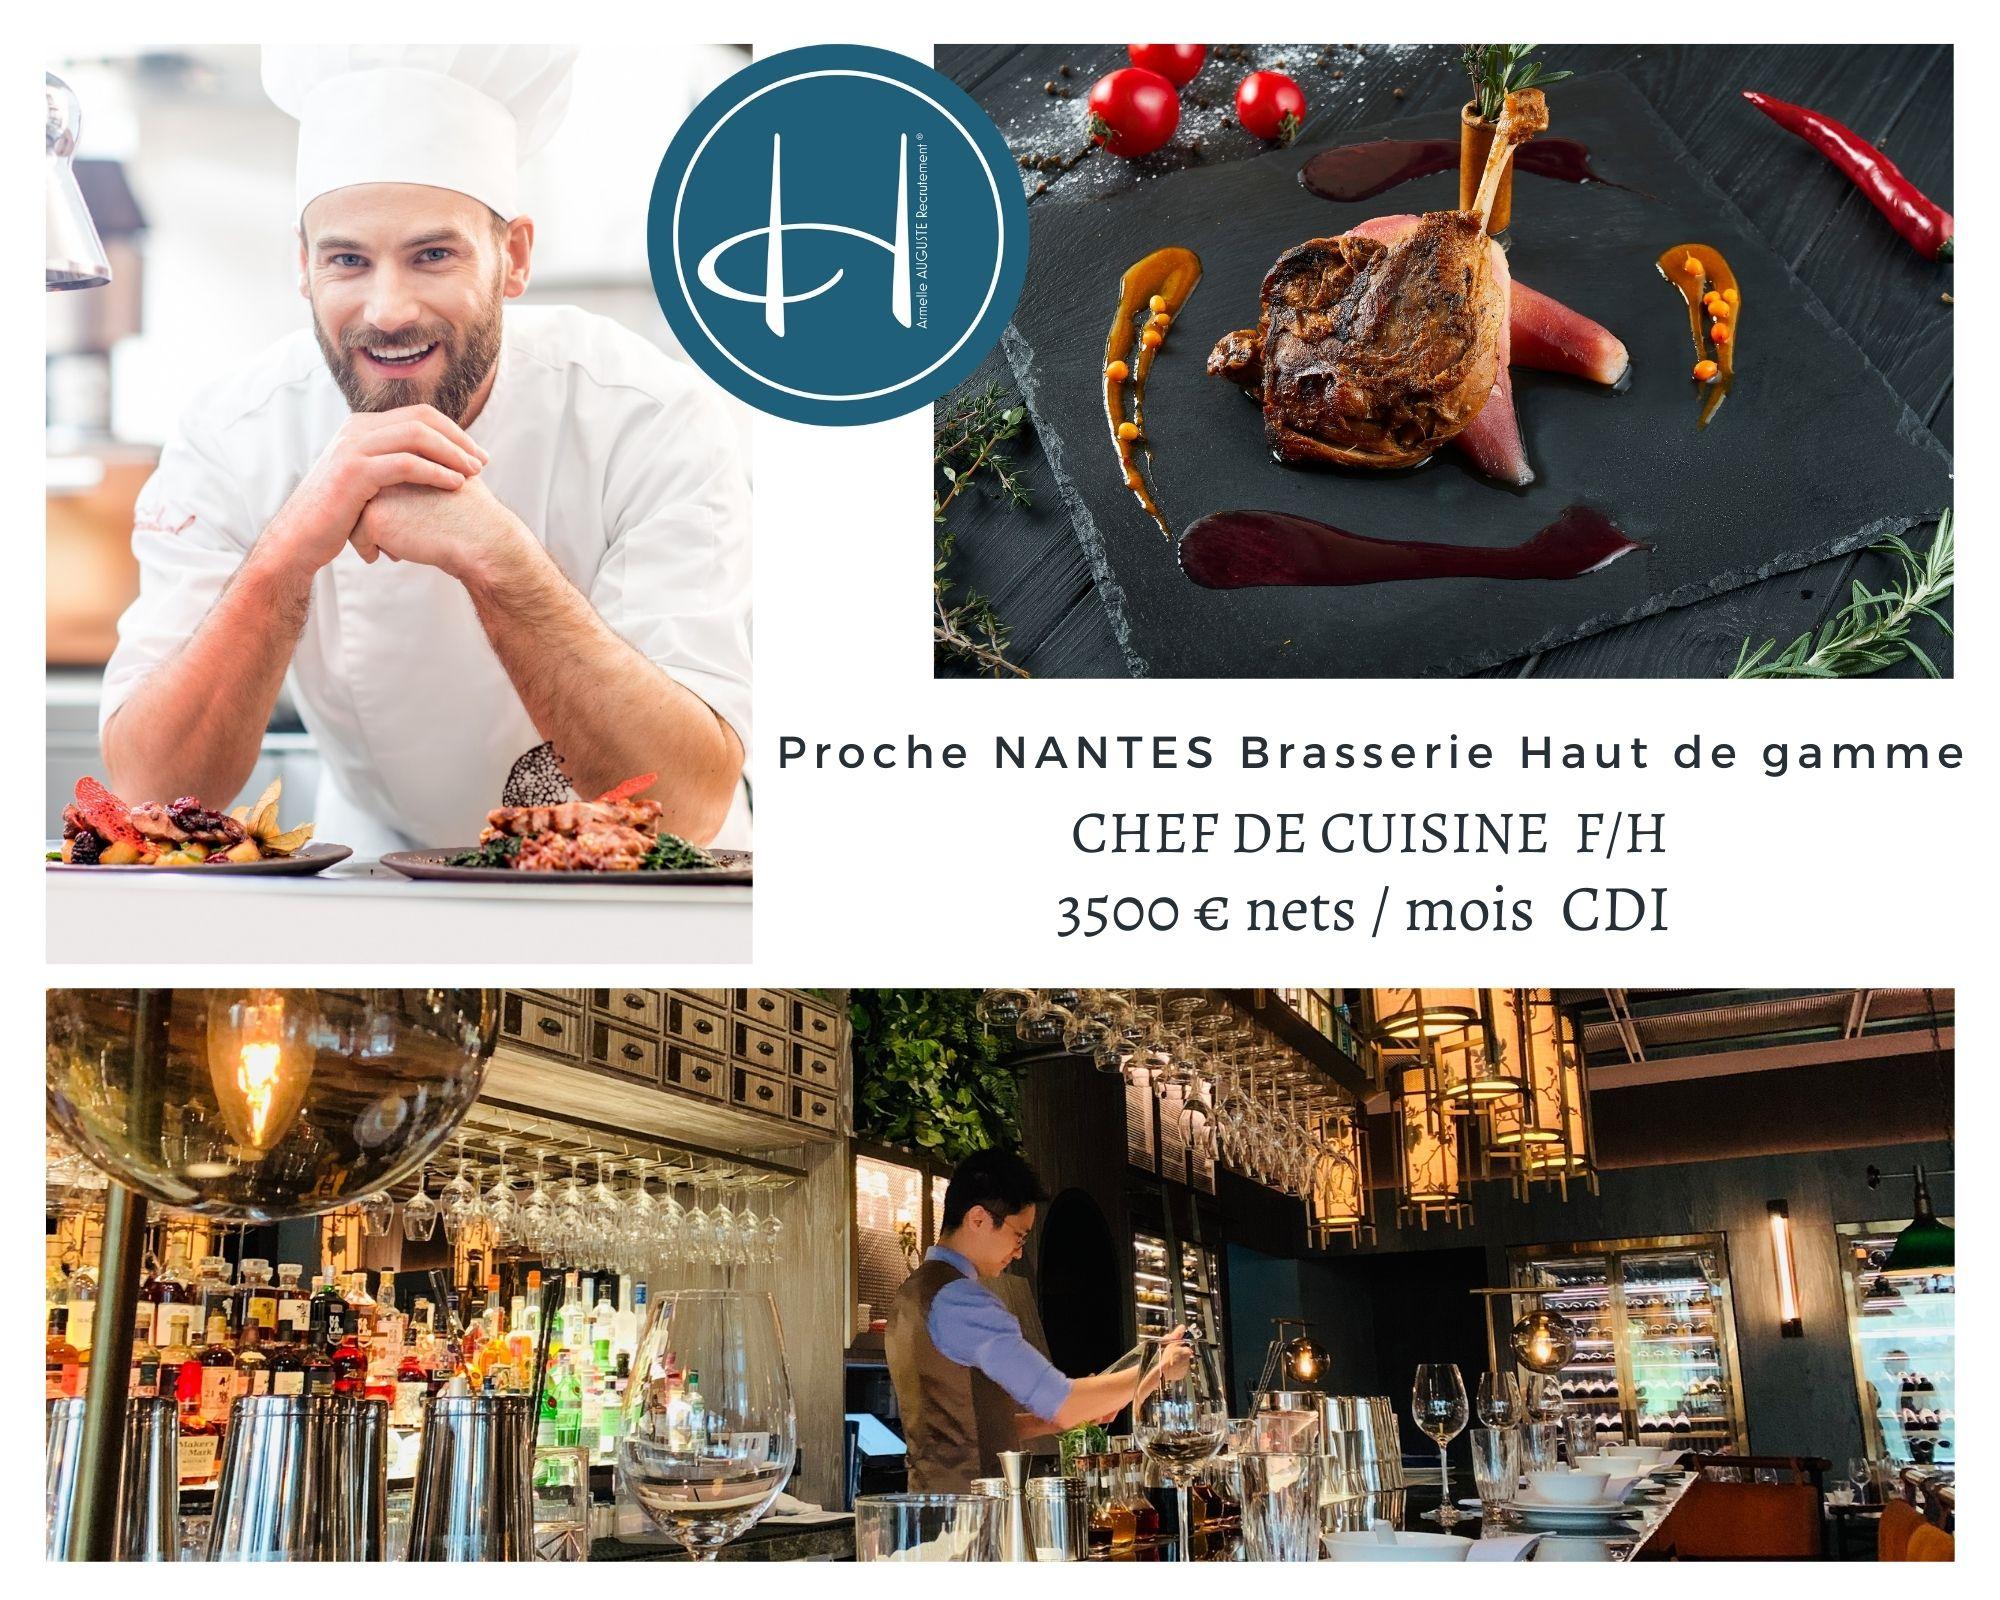 Recrutement: Chef de cuisine brasserie haut de gamme F/H chez Armelle AUGUSTE Recrutement® à Nantes